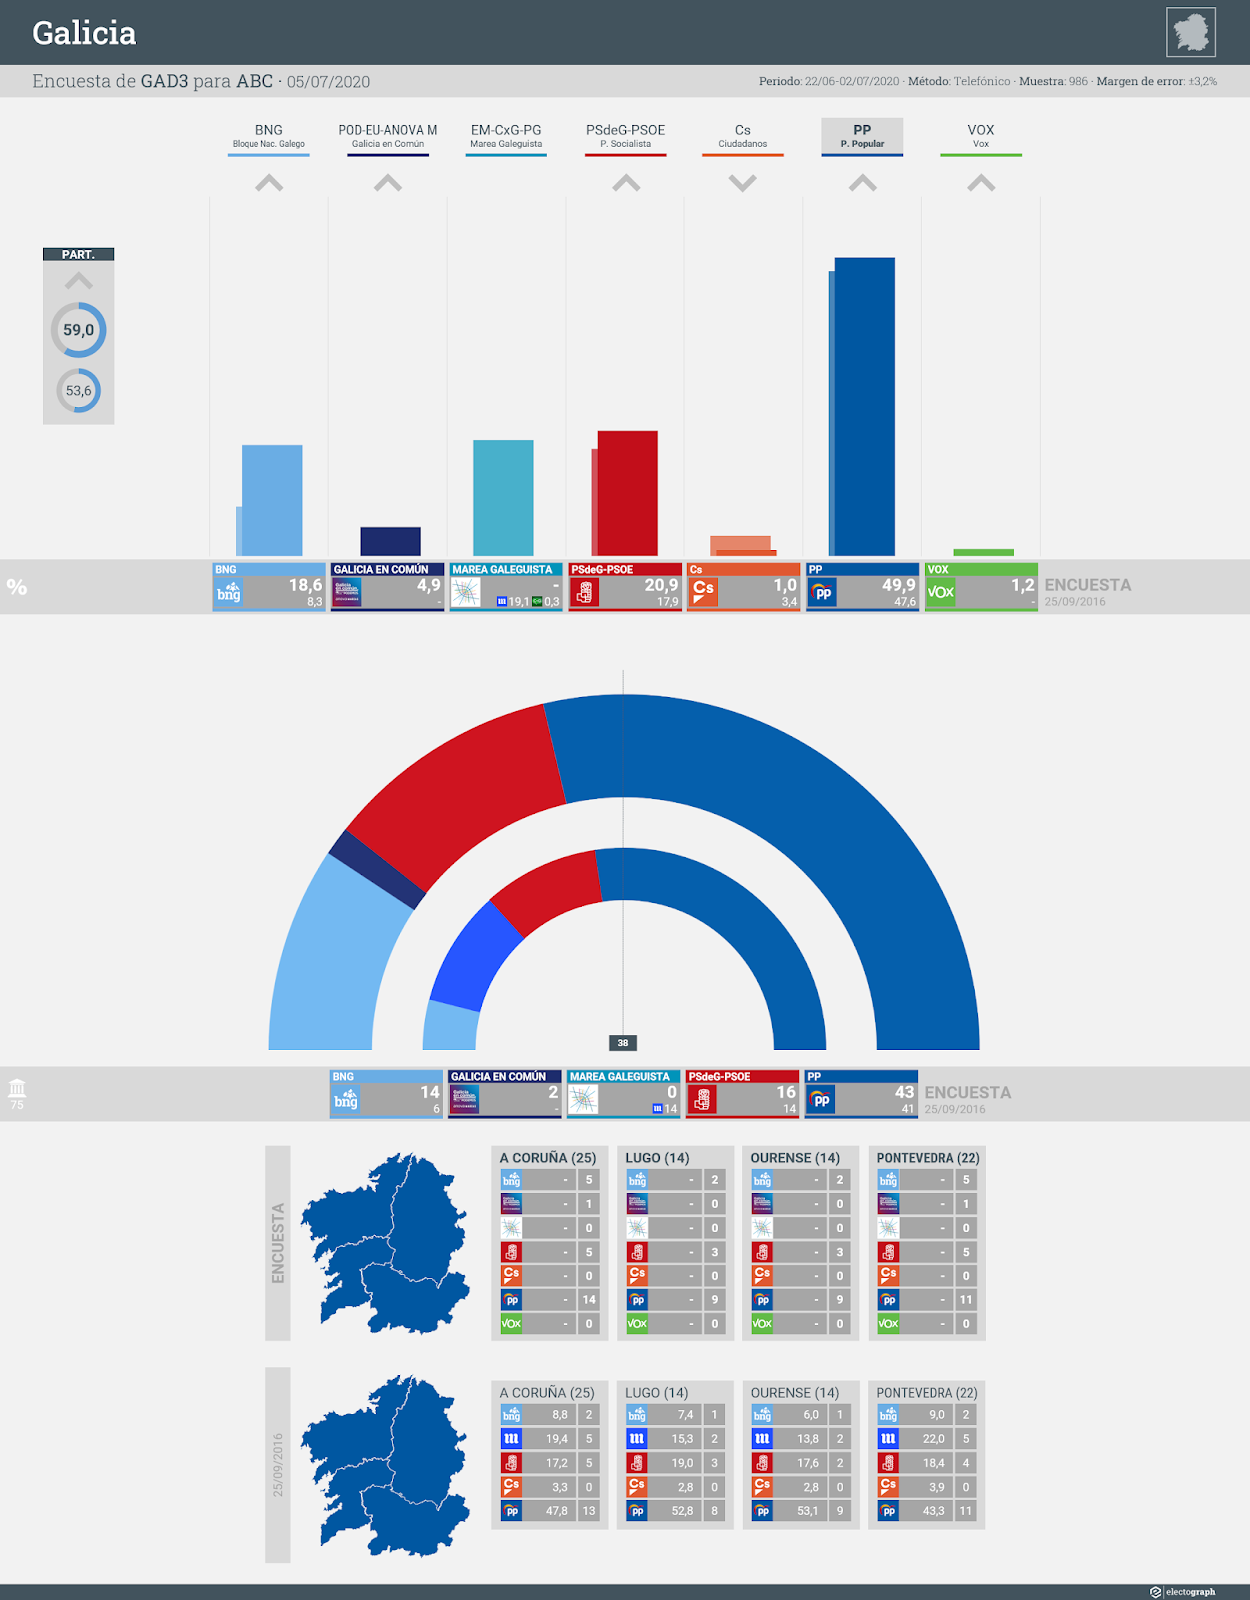 Gráfico de la encuesta para elecciones autonómicas en Galicia realizada por GAD3 para ABC, 5 de julio de 2020